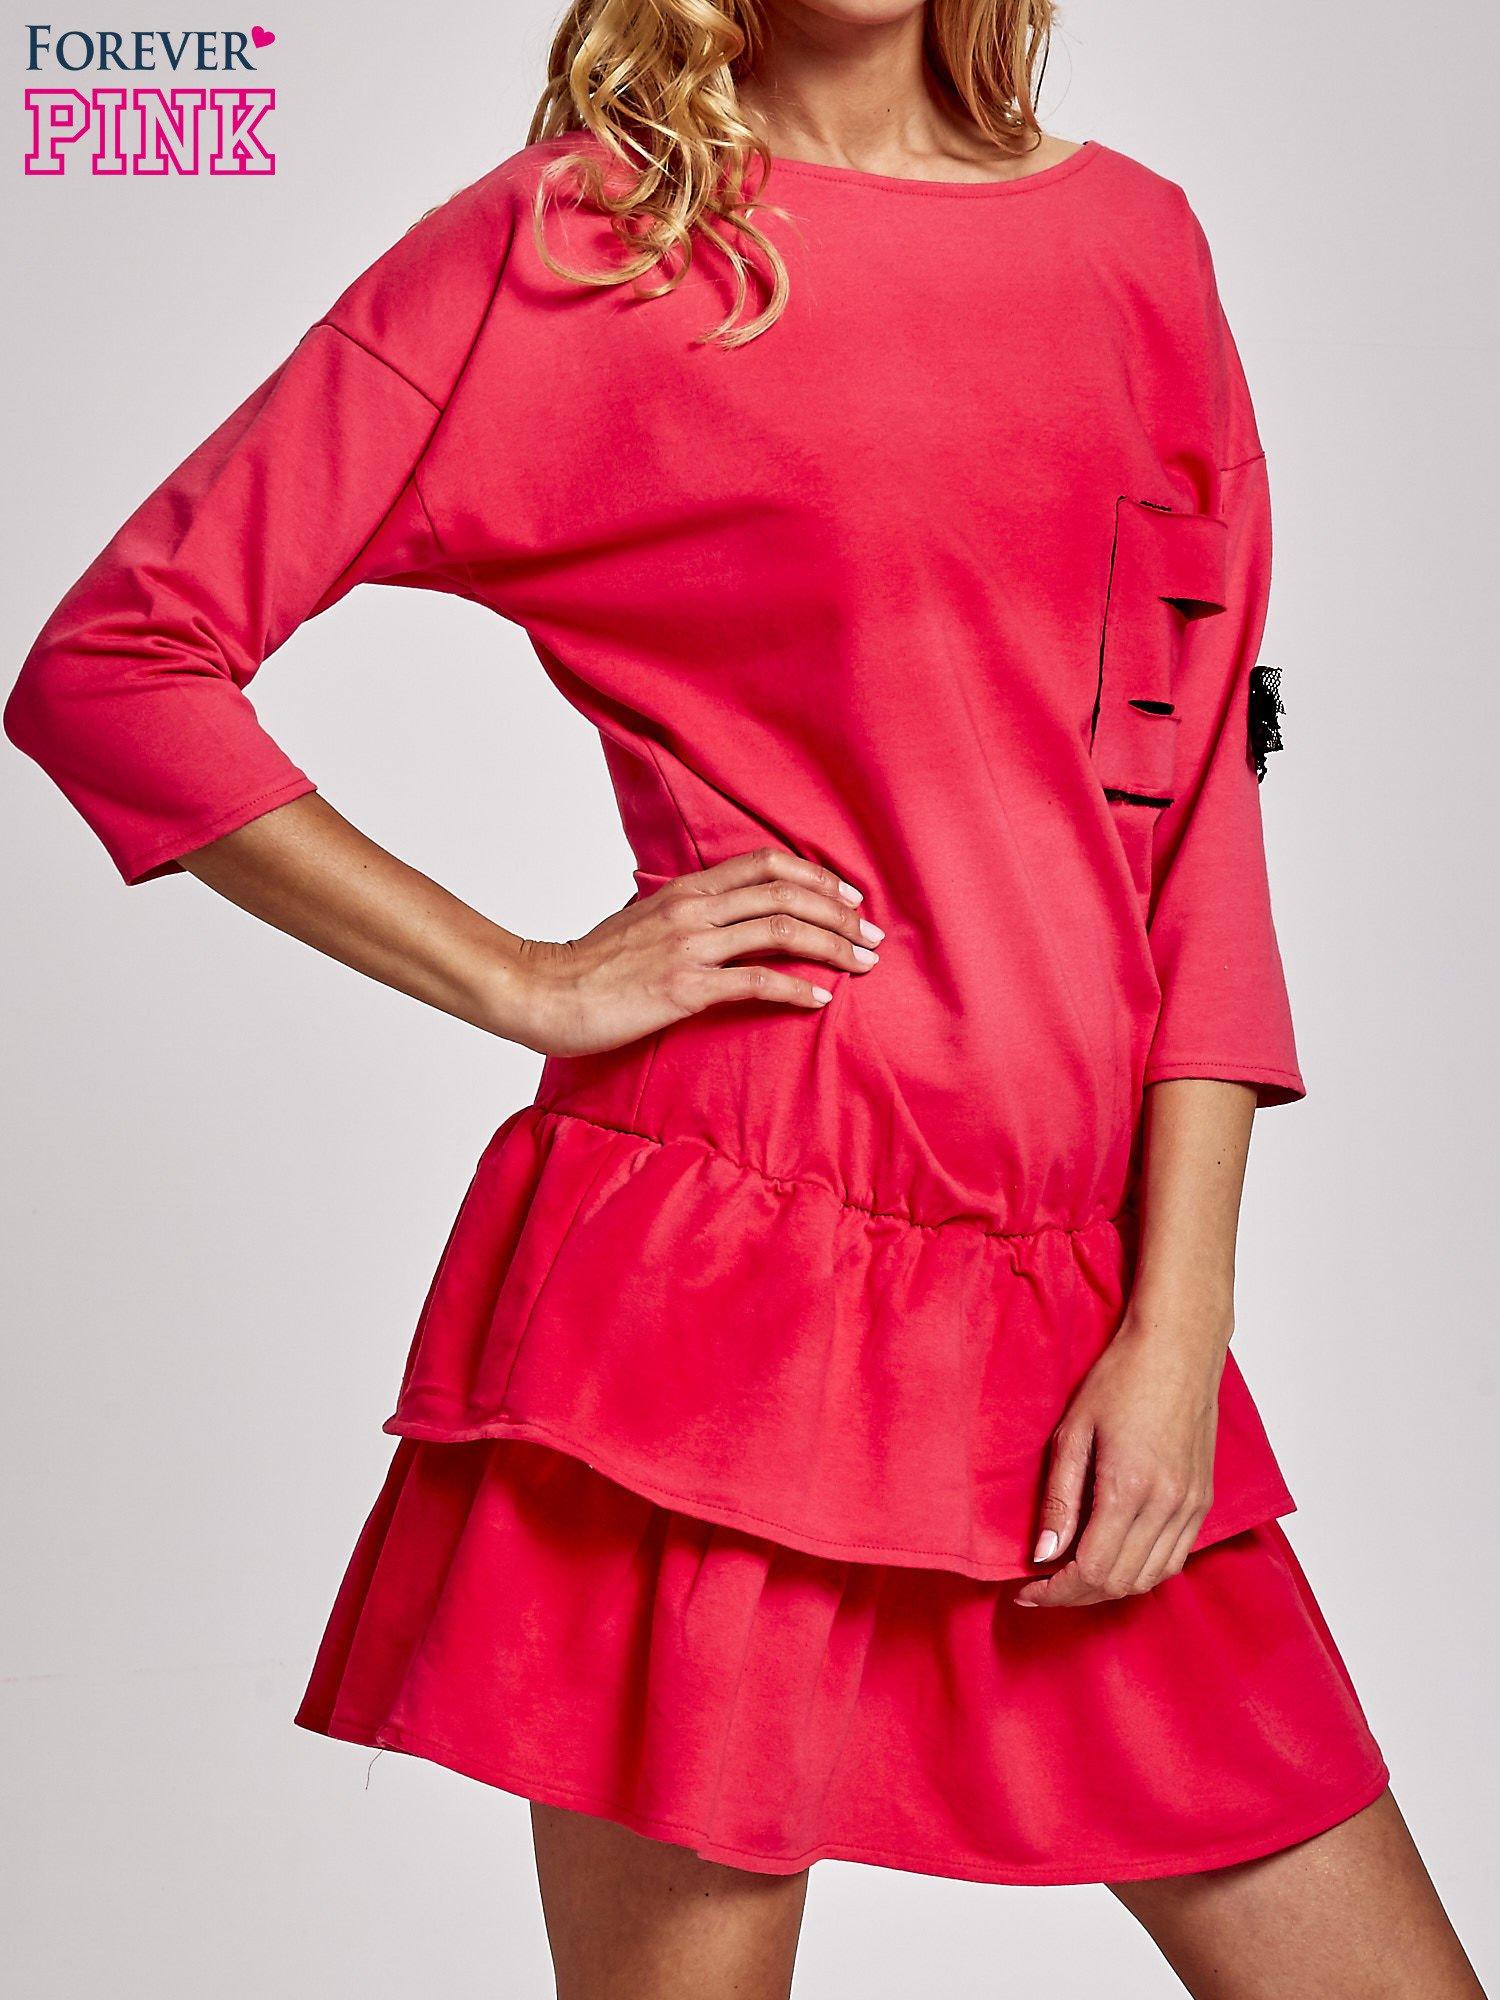 Koralowa sukienka dresowa ombre z podwójną falbaną                                  zdj.                                  3